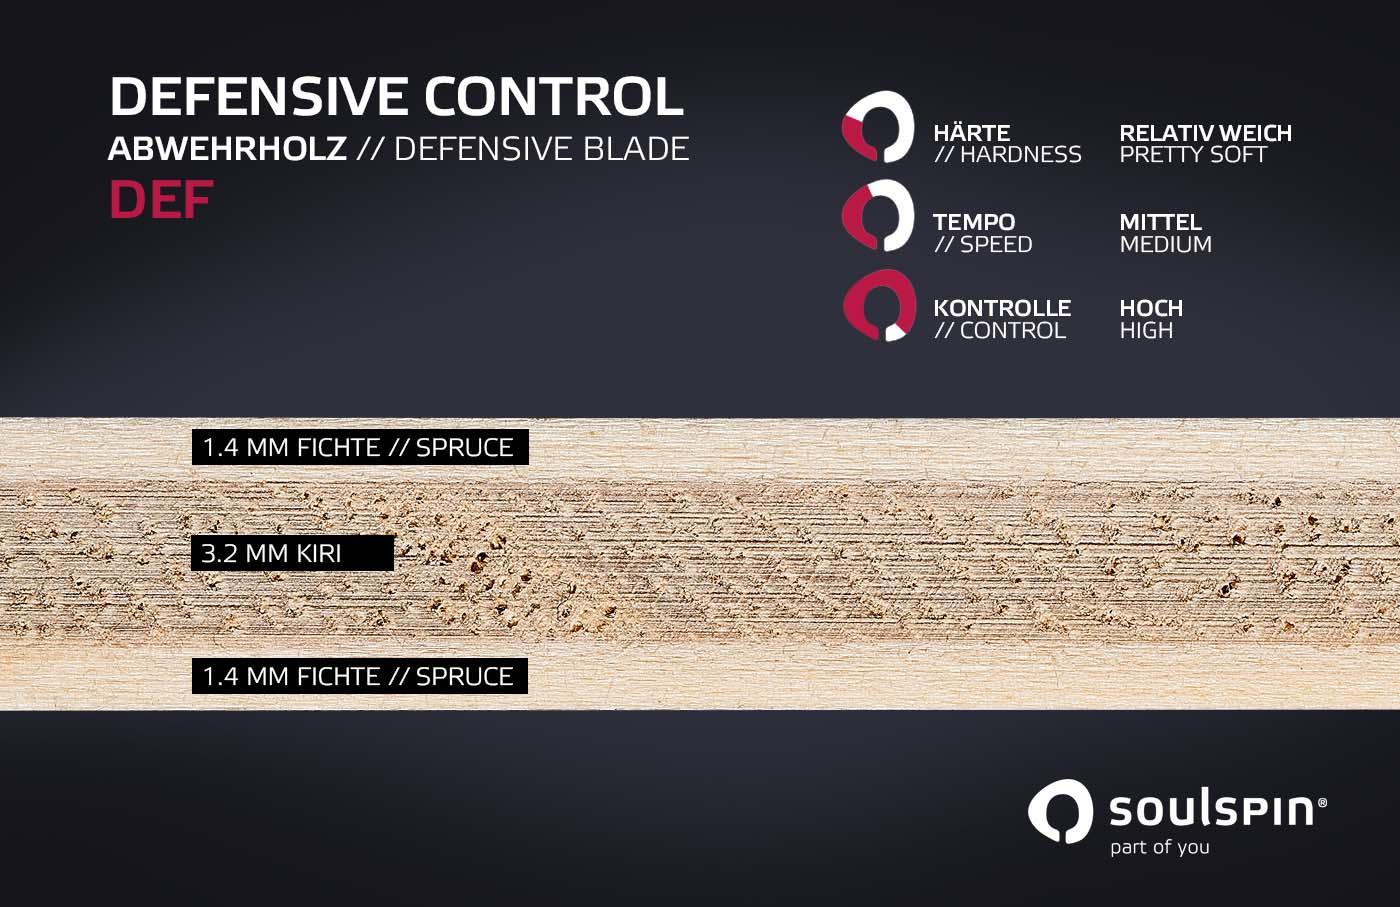 Querschnitt durch das Defensivholz Defensive Control von Soulspin mit Aussenfurnieren aus Fichte und Kernfurnier aus Kiri, das sich besonders gut für Abwehrspieler eignet